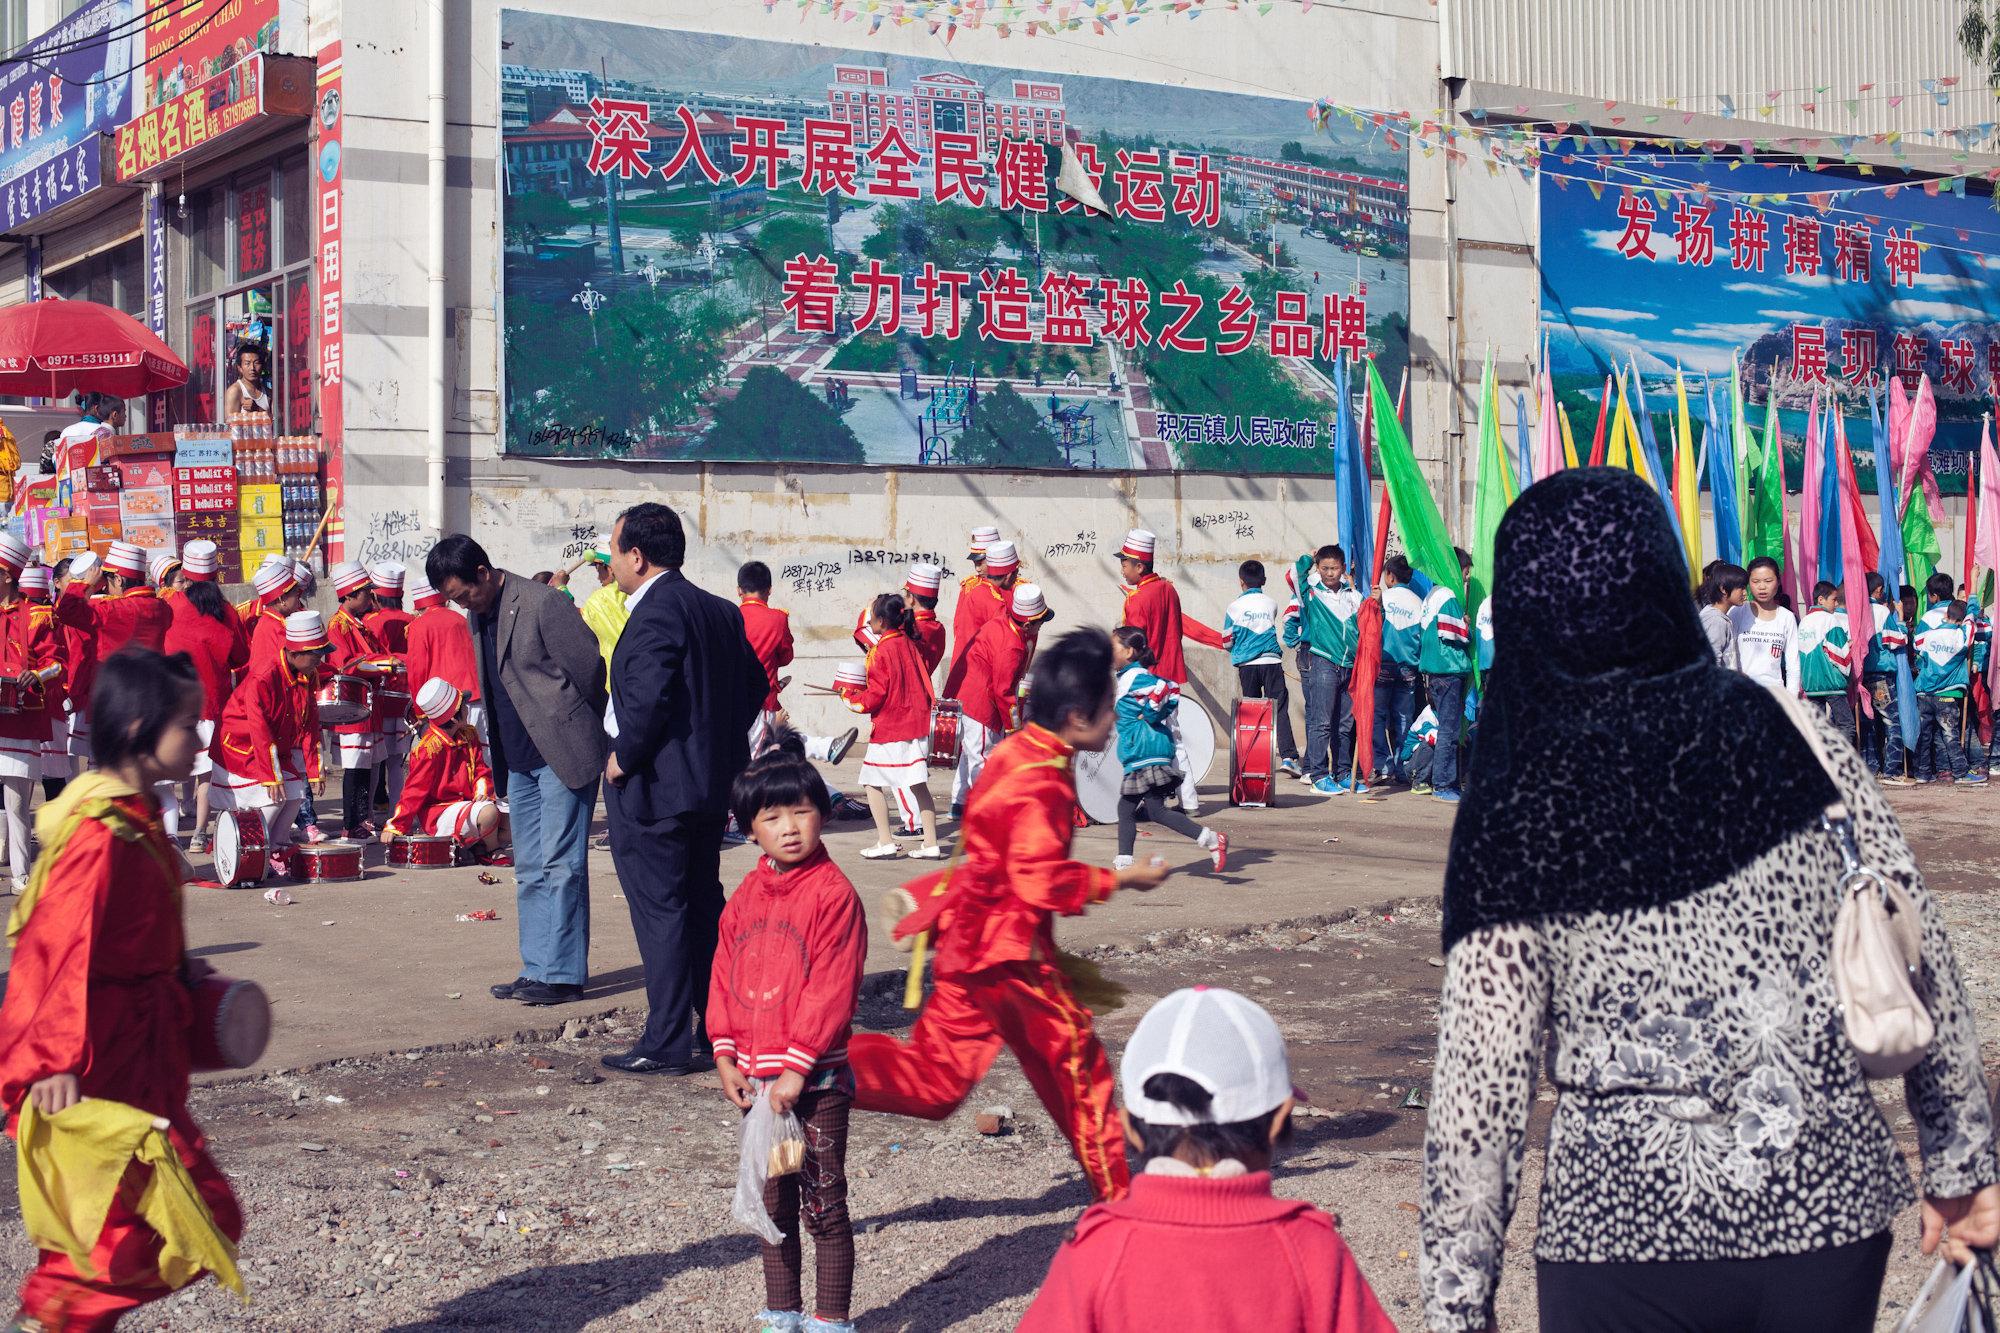 JohnFPeters_CHINA_2012_6.jpg